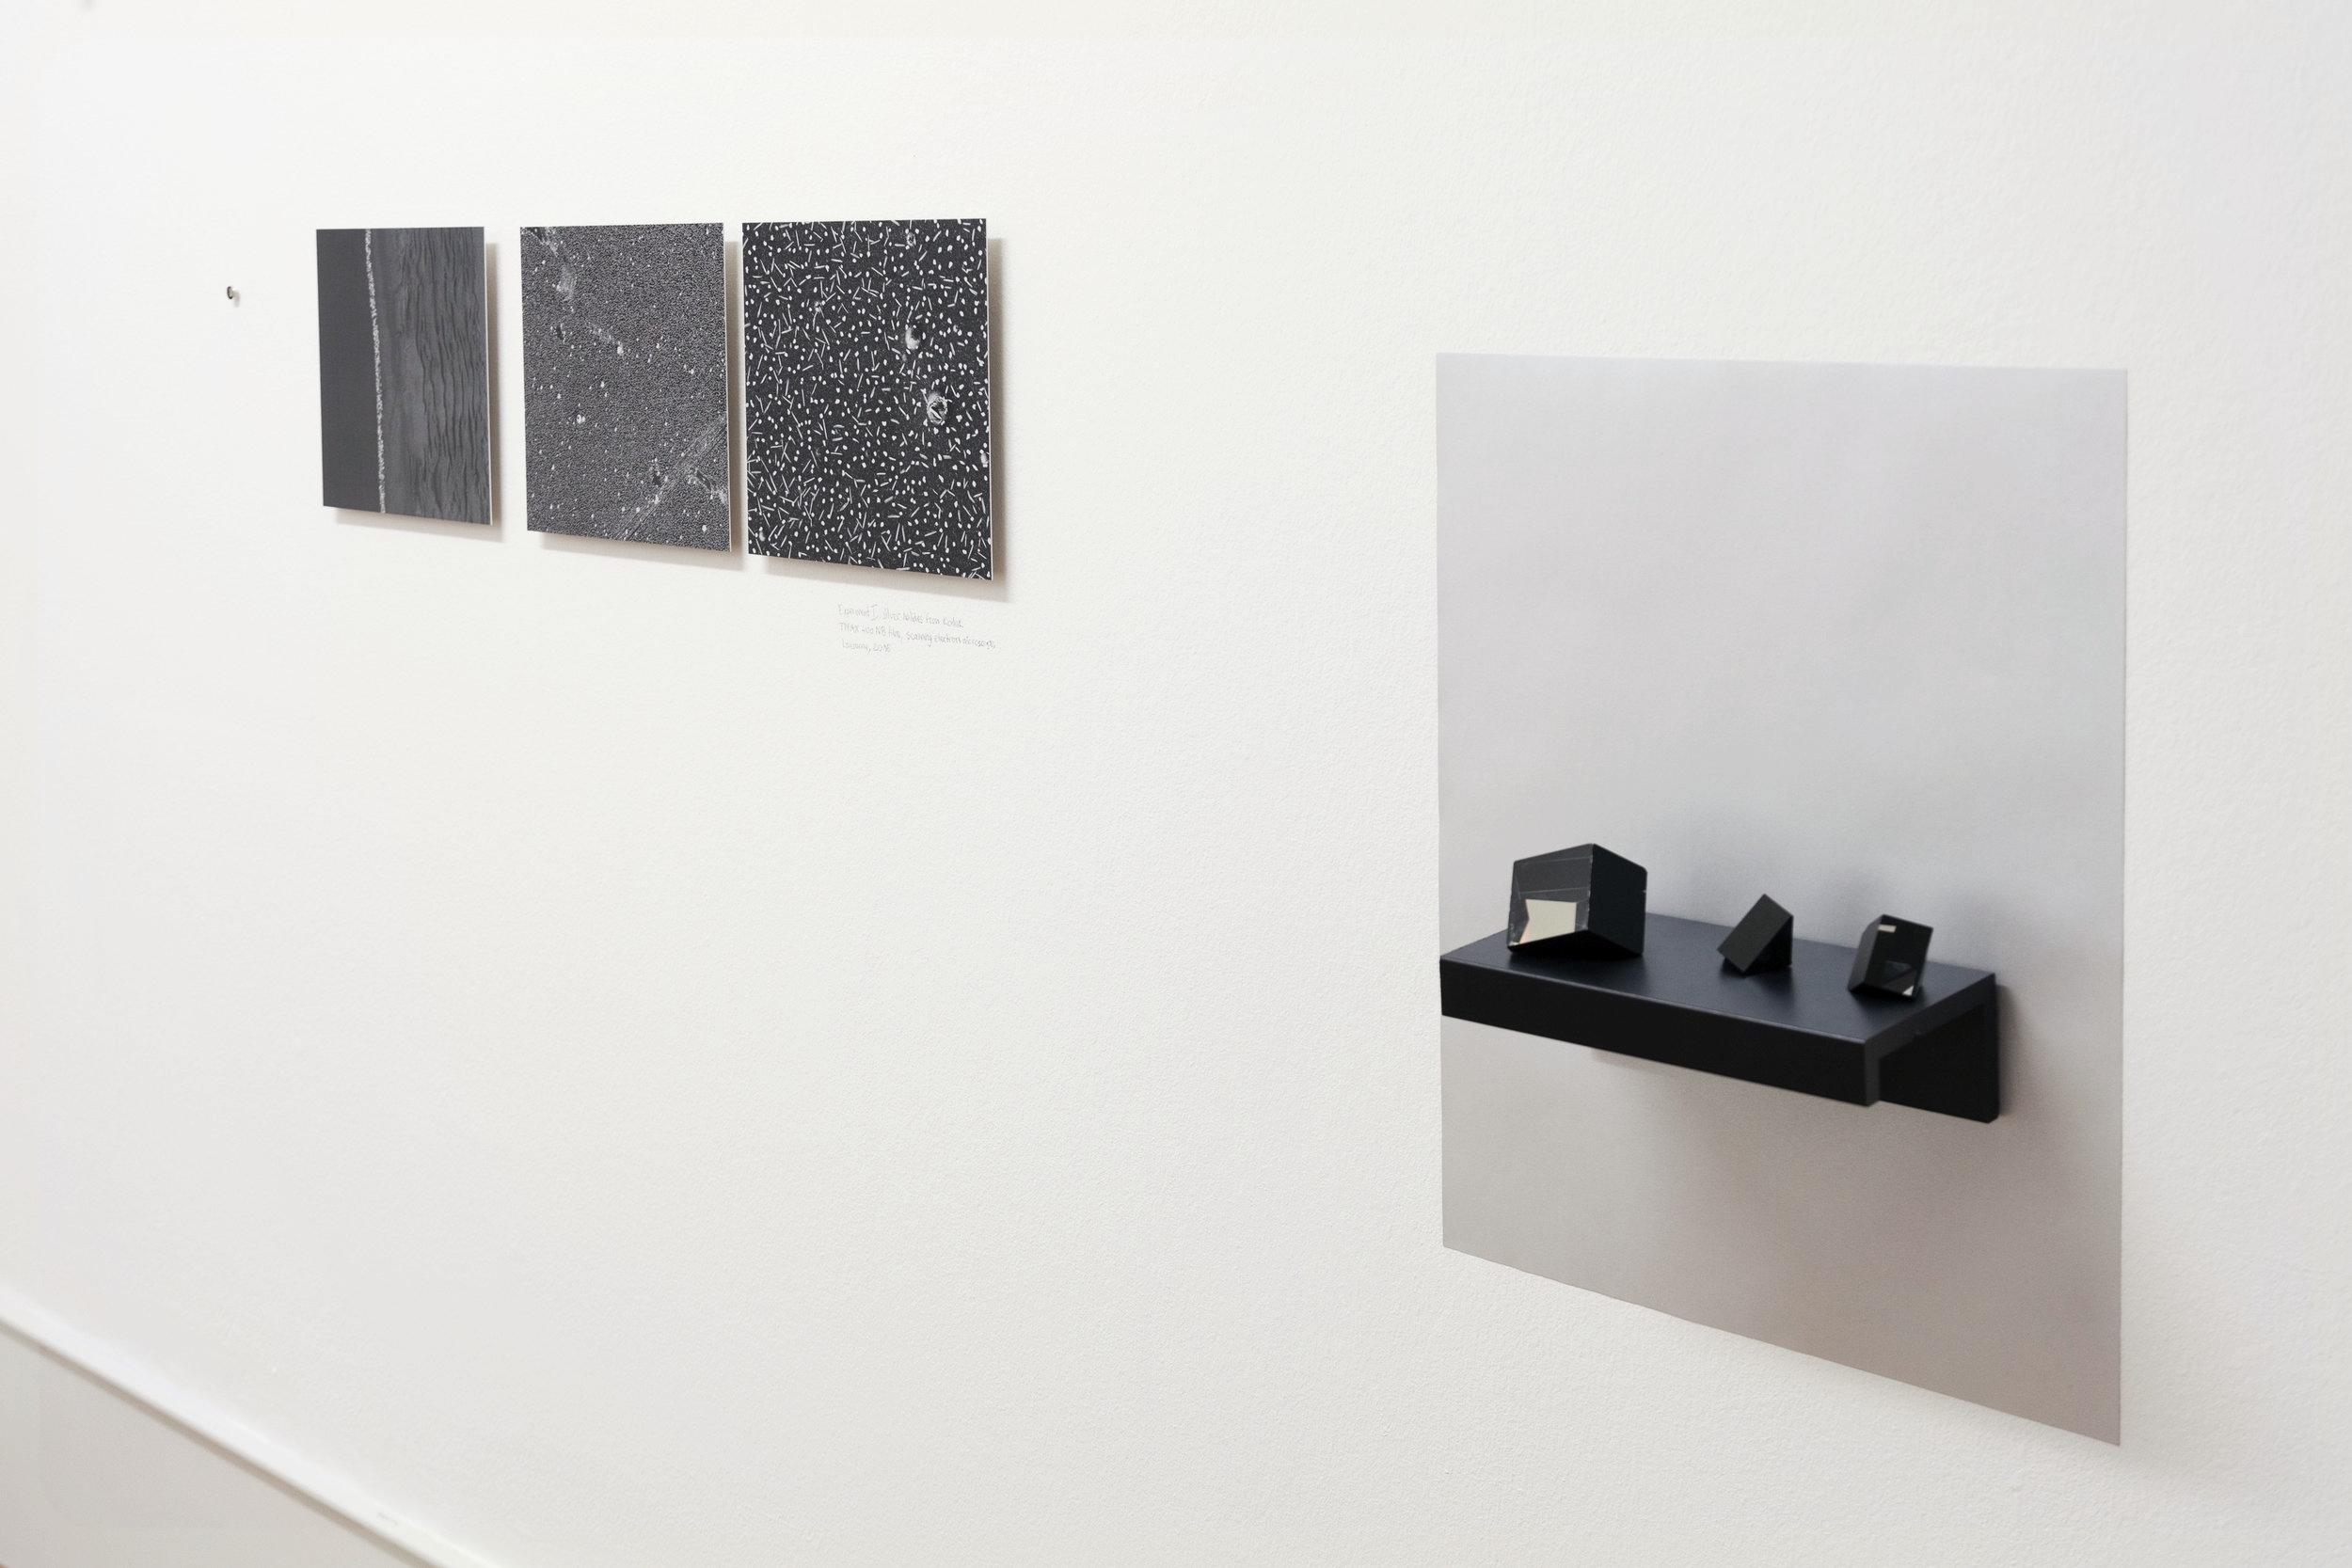 Alessia Olivieri,  In collaboration with the sun , Vue d'exposition, Prix Photoforum 2017 , Photoforoum Pasqaurt, Biel/Bienne, Décembre 2017